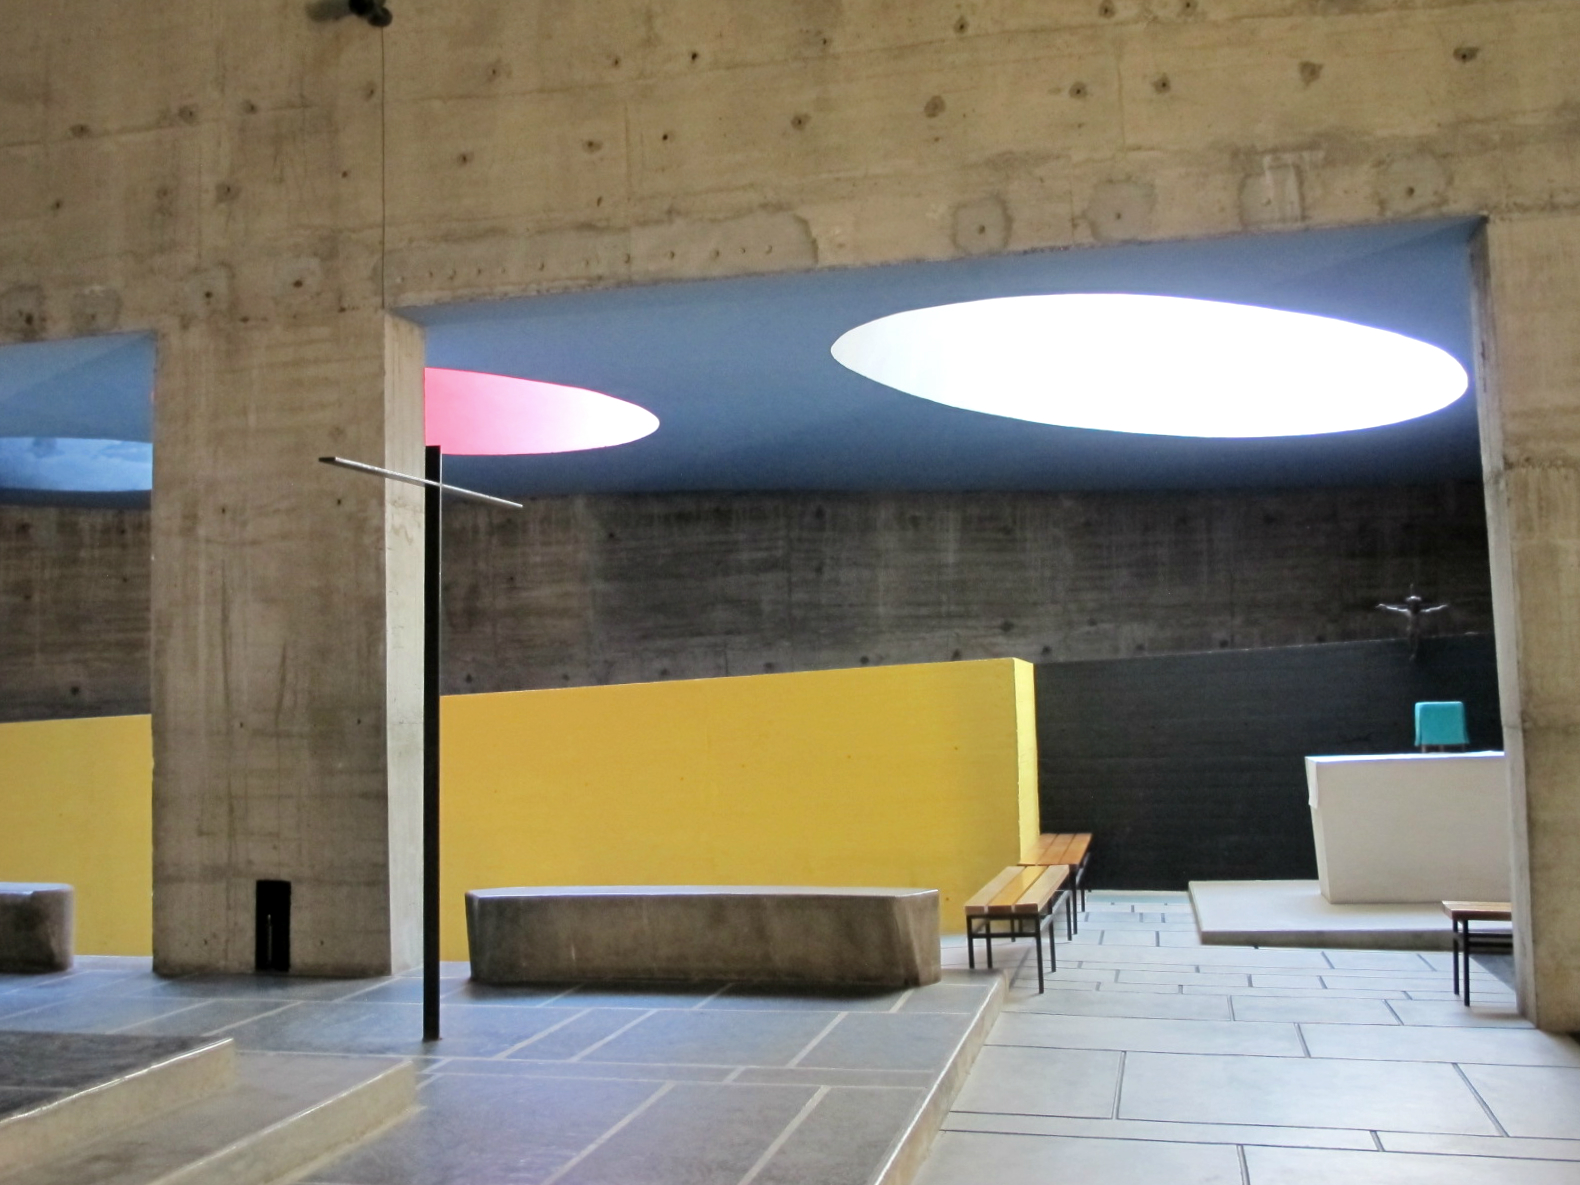 Le couvent de la tourette de le corbusier completementflou for L interieur d un couvent